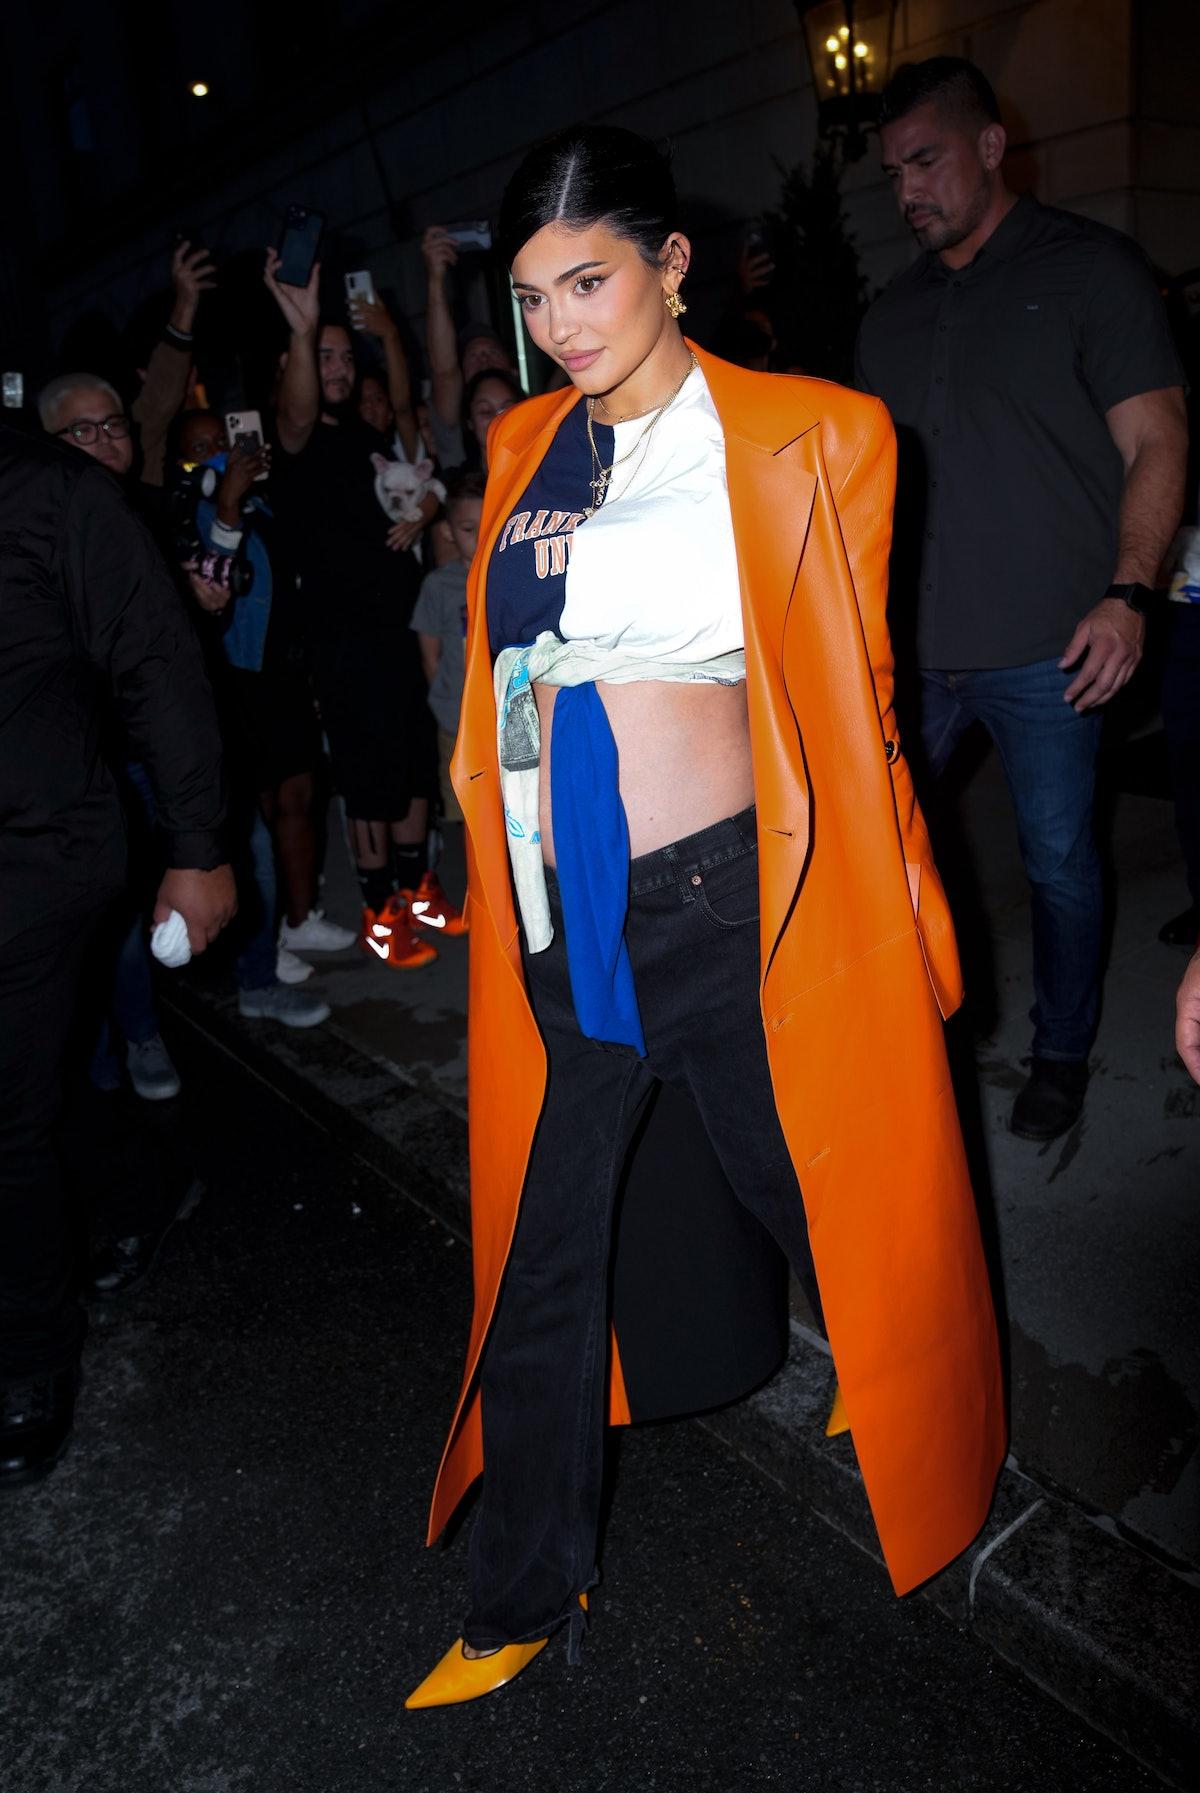 Kylie Jenner is seen on September 09, 2021 in New York City.